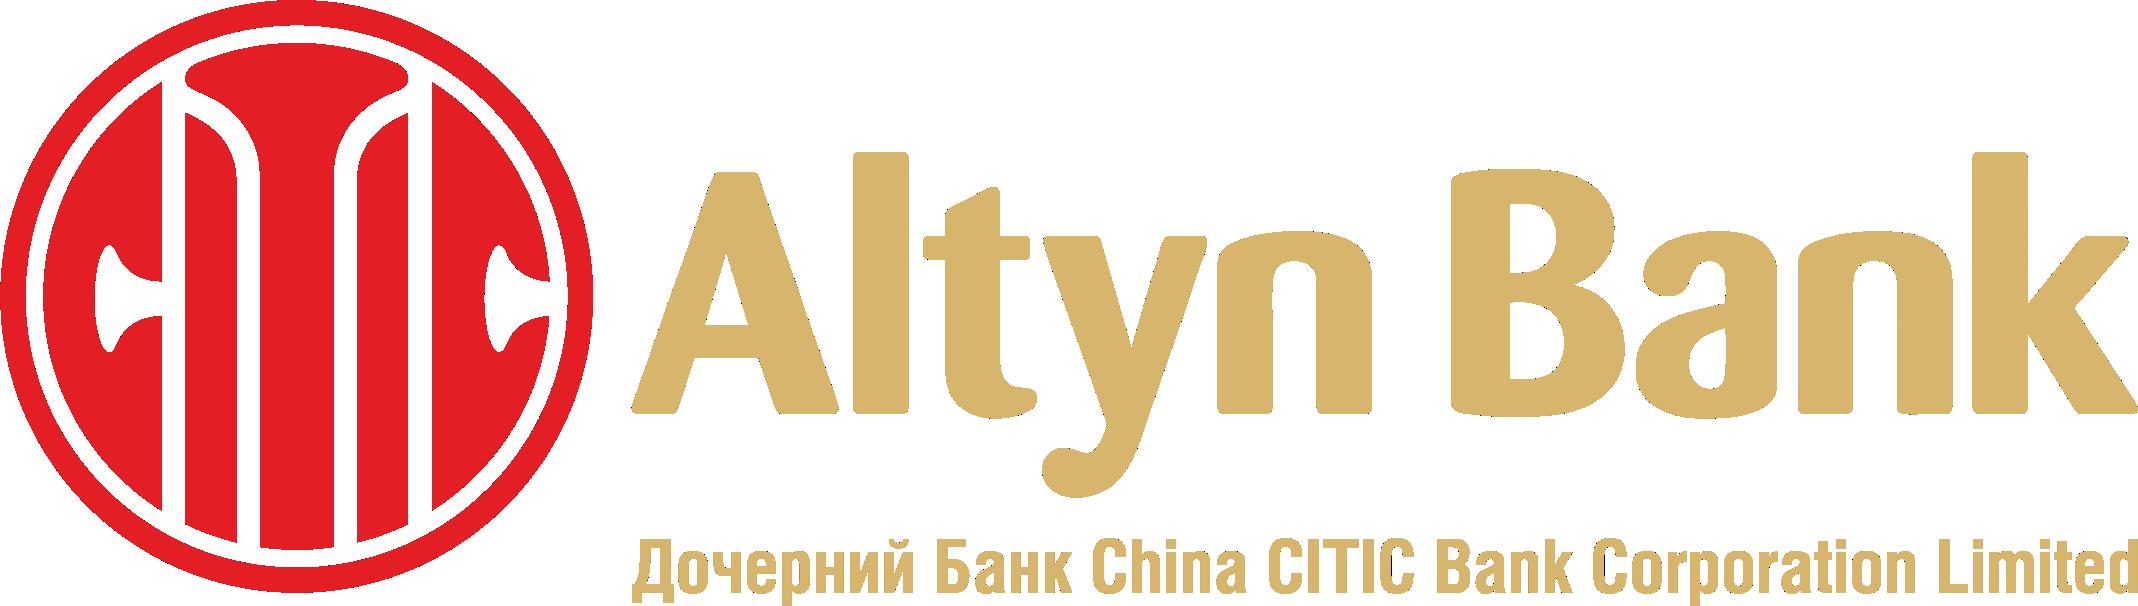 Altyn Bank: основная информация и обзор услуг logo